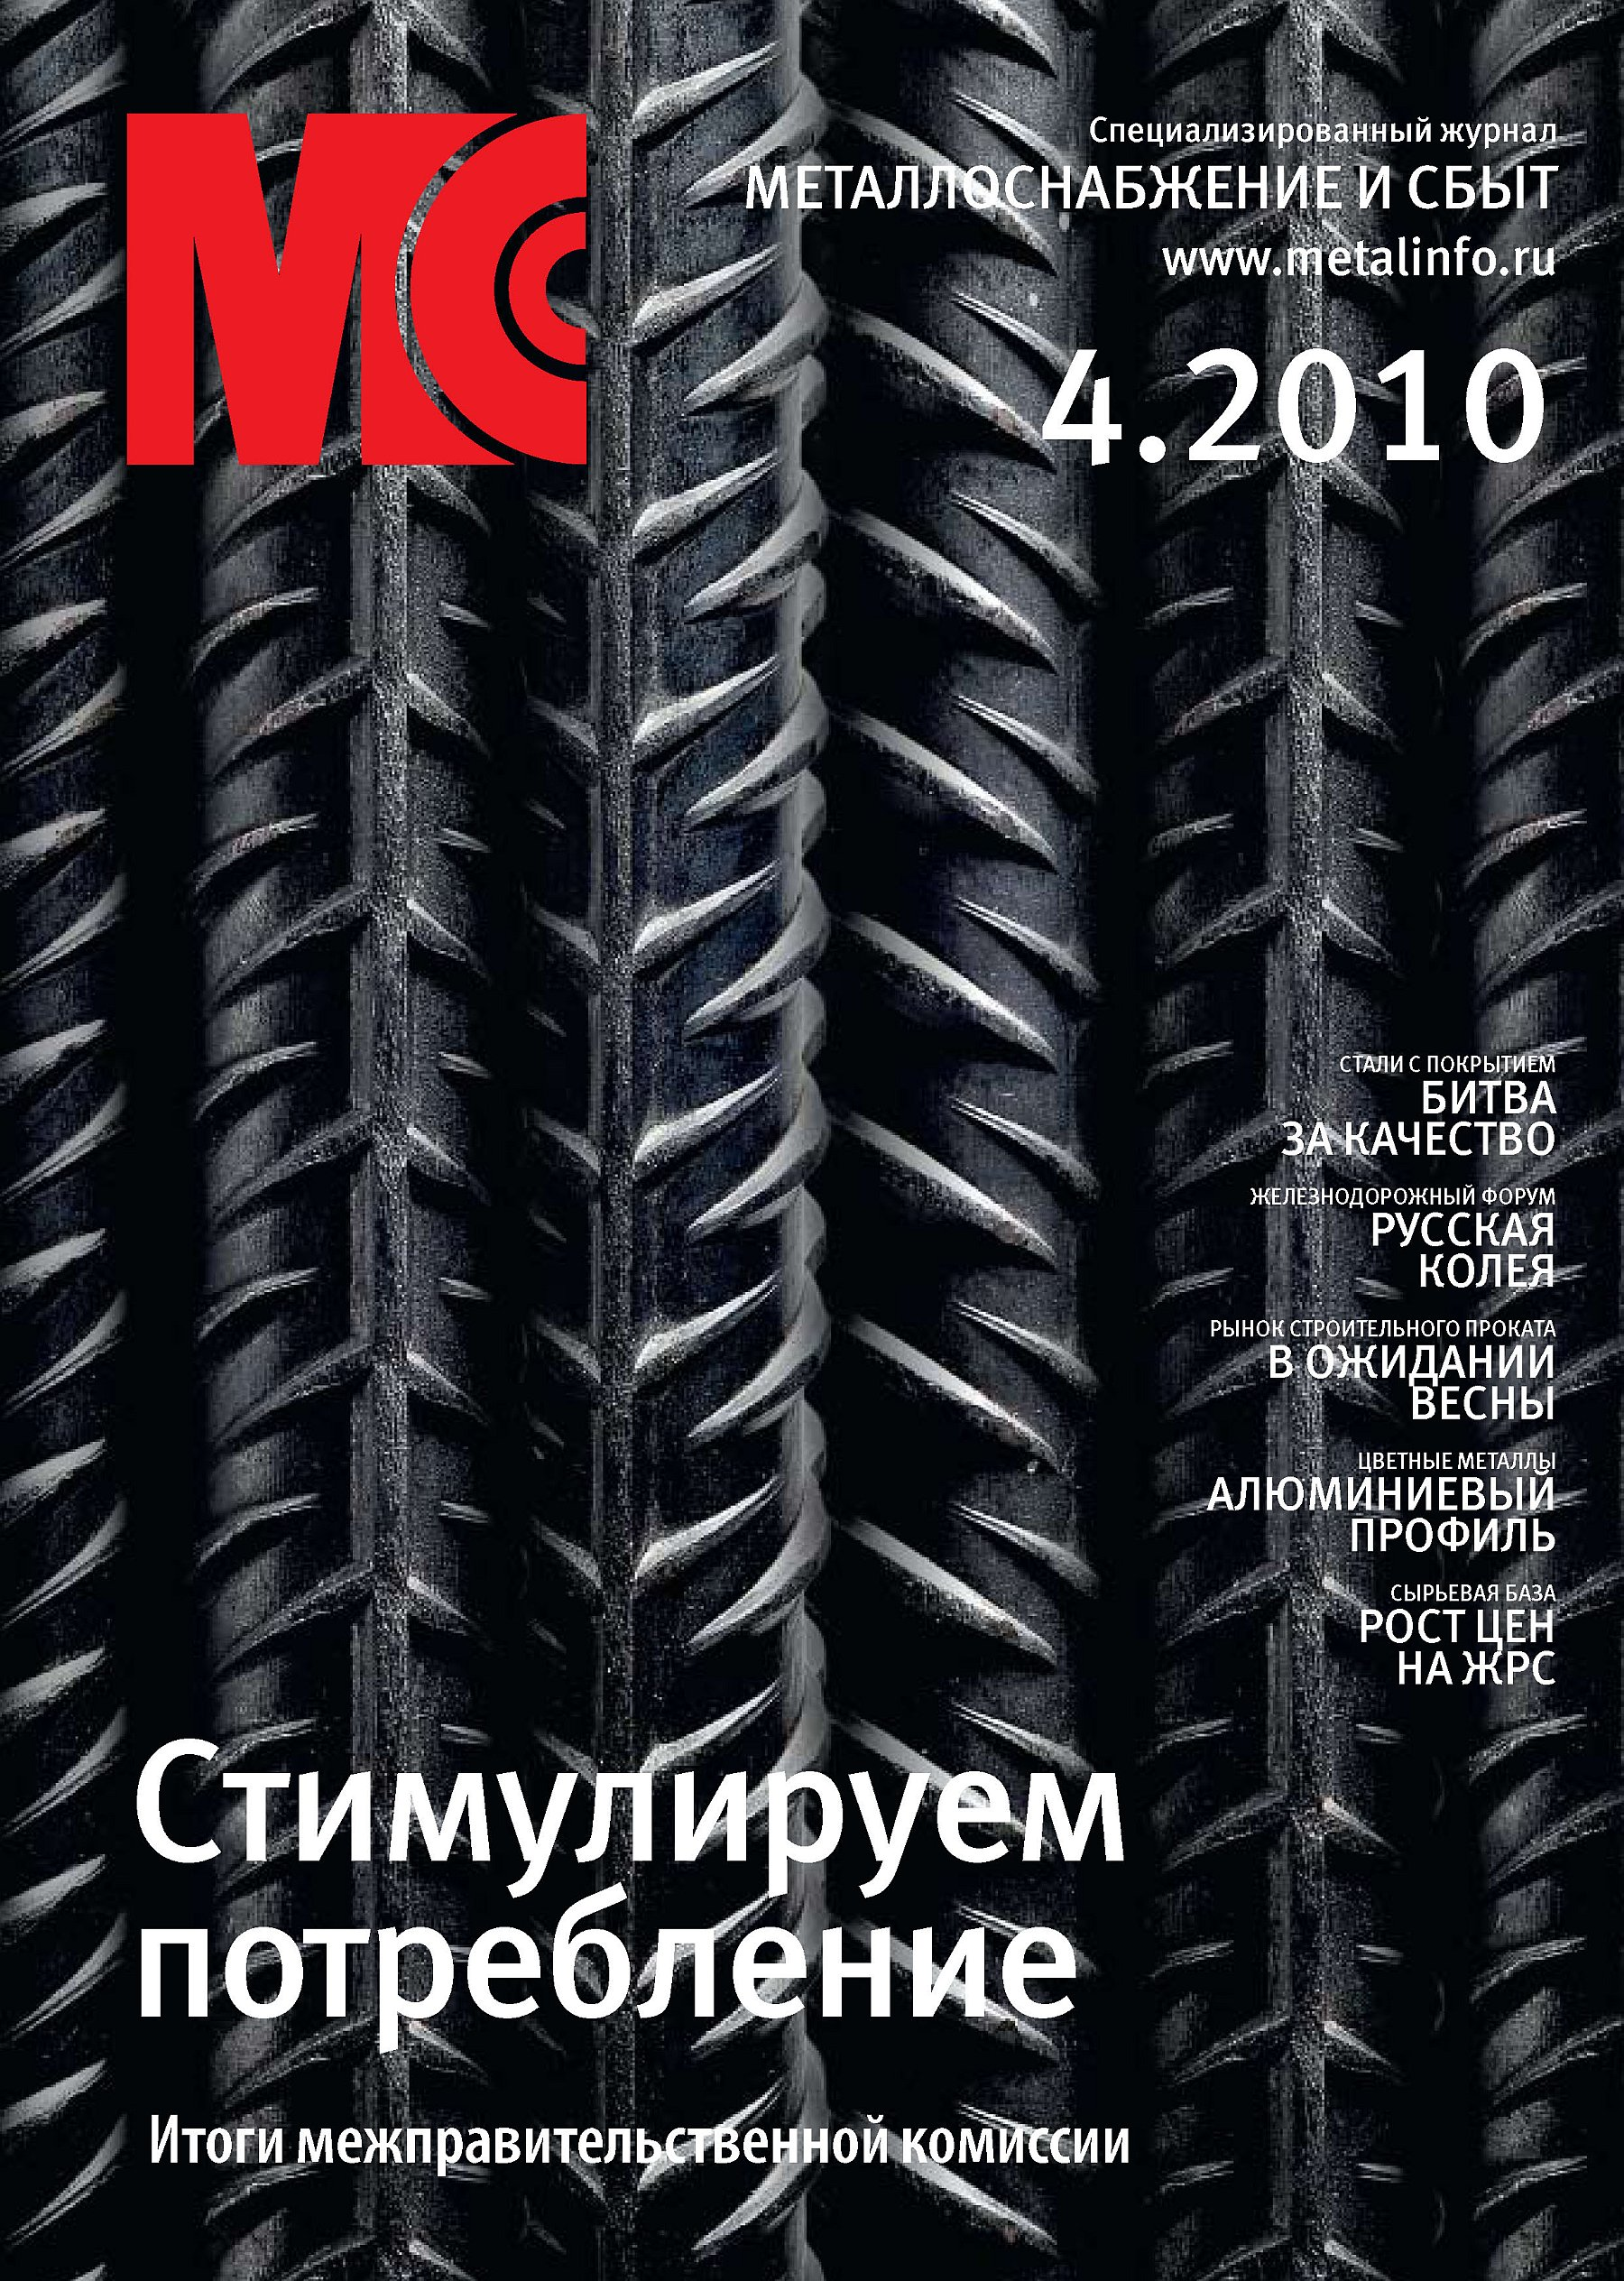 Отсутствует Металлоснабжение и сбыт №4/2010